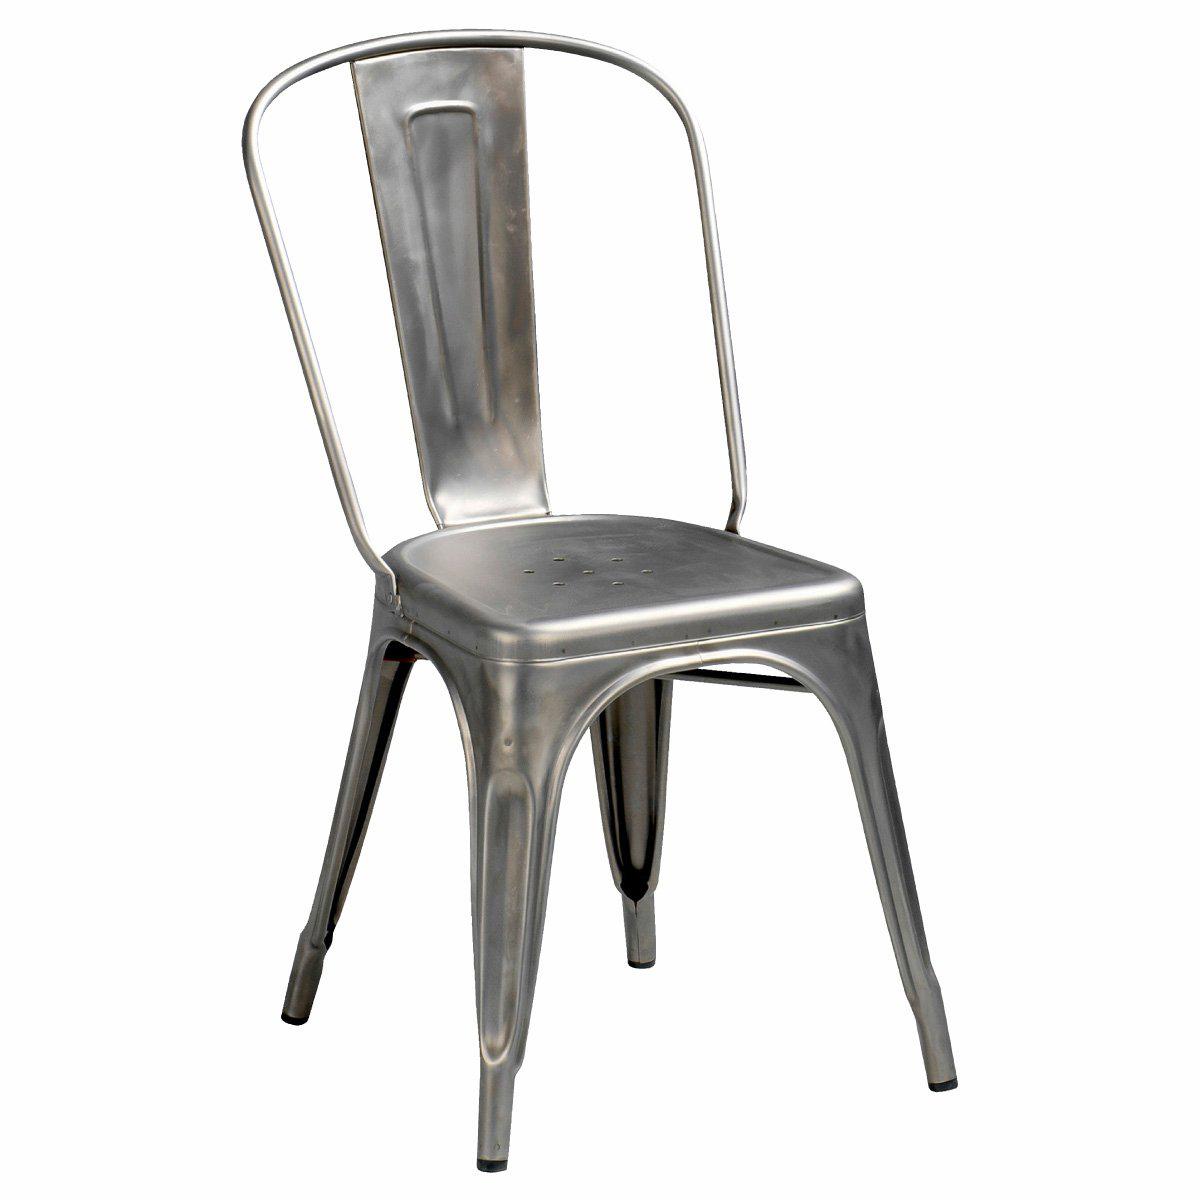 Si vous cherchez une toli re de l industrie - Chaise industrielle pas cher ...